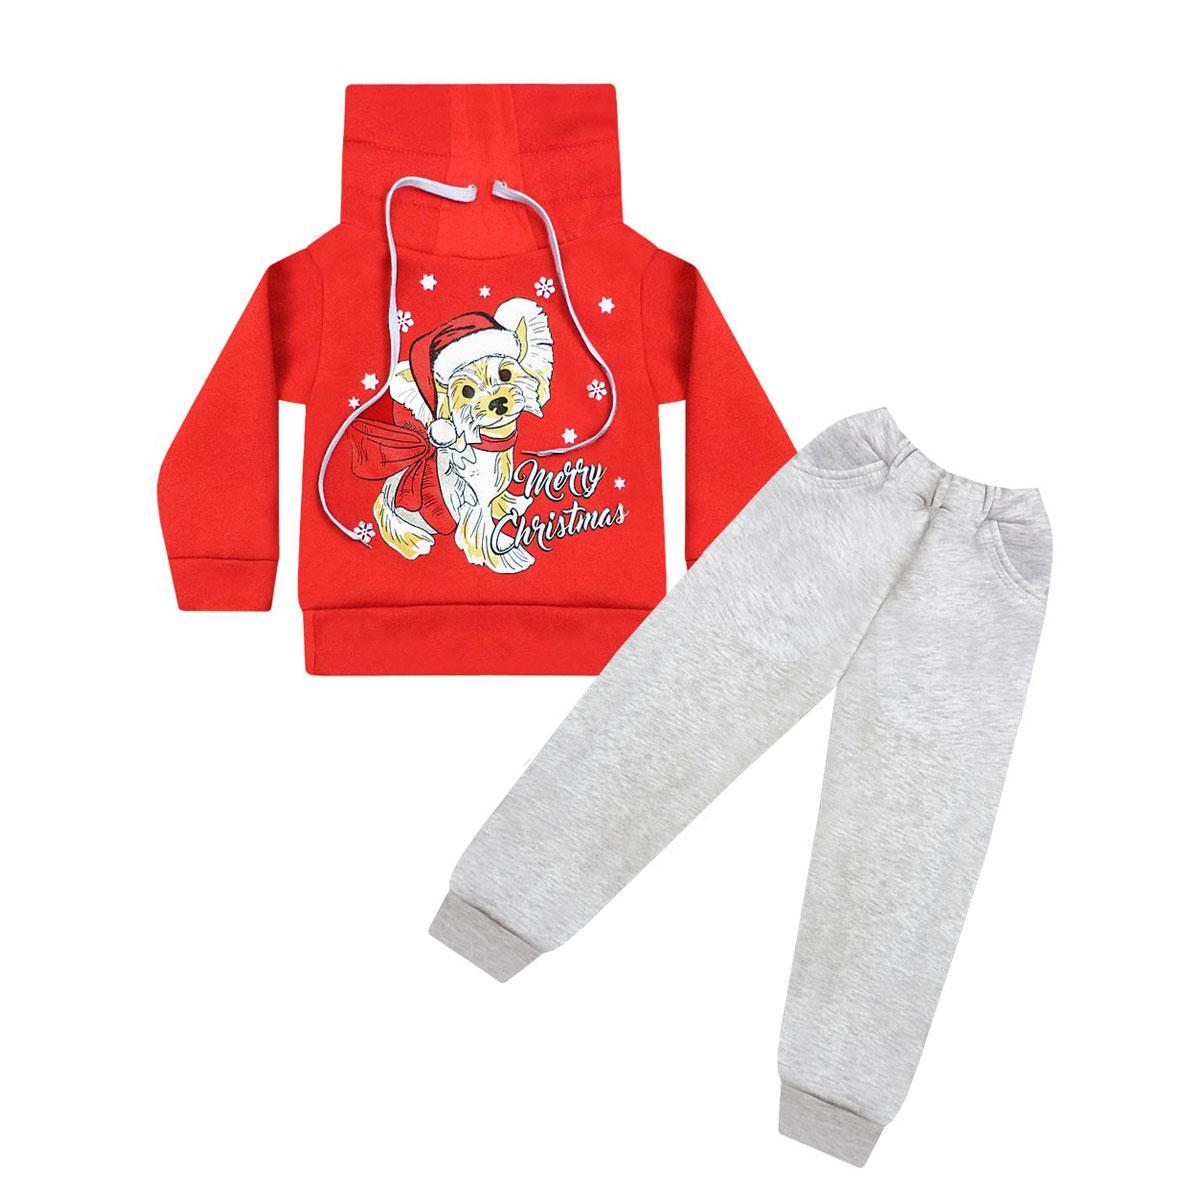 Новогодний детский костюм Рождественский Йорк для девочки трехнитка